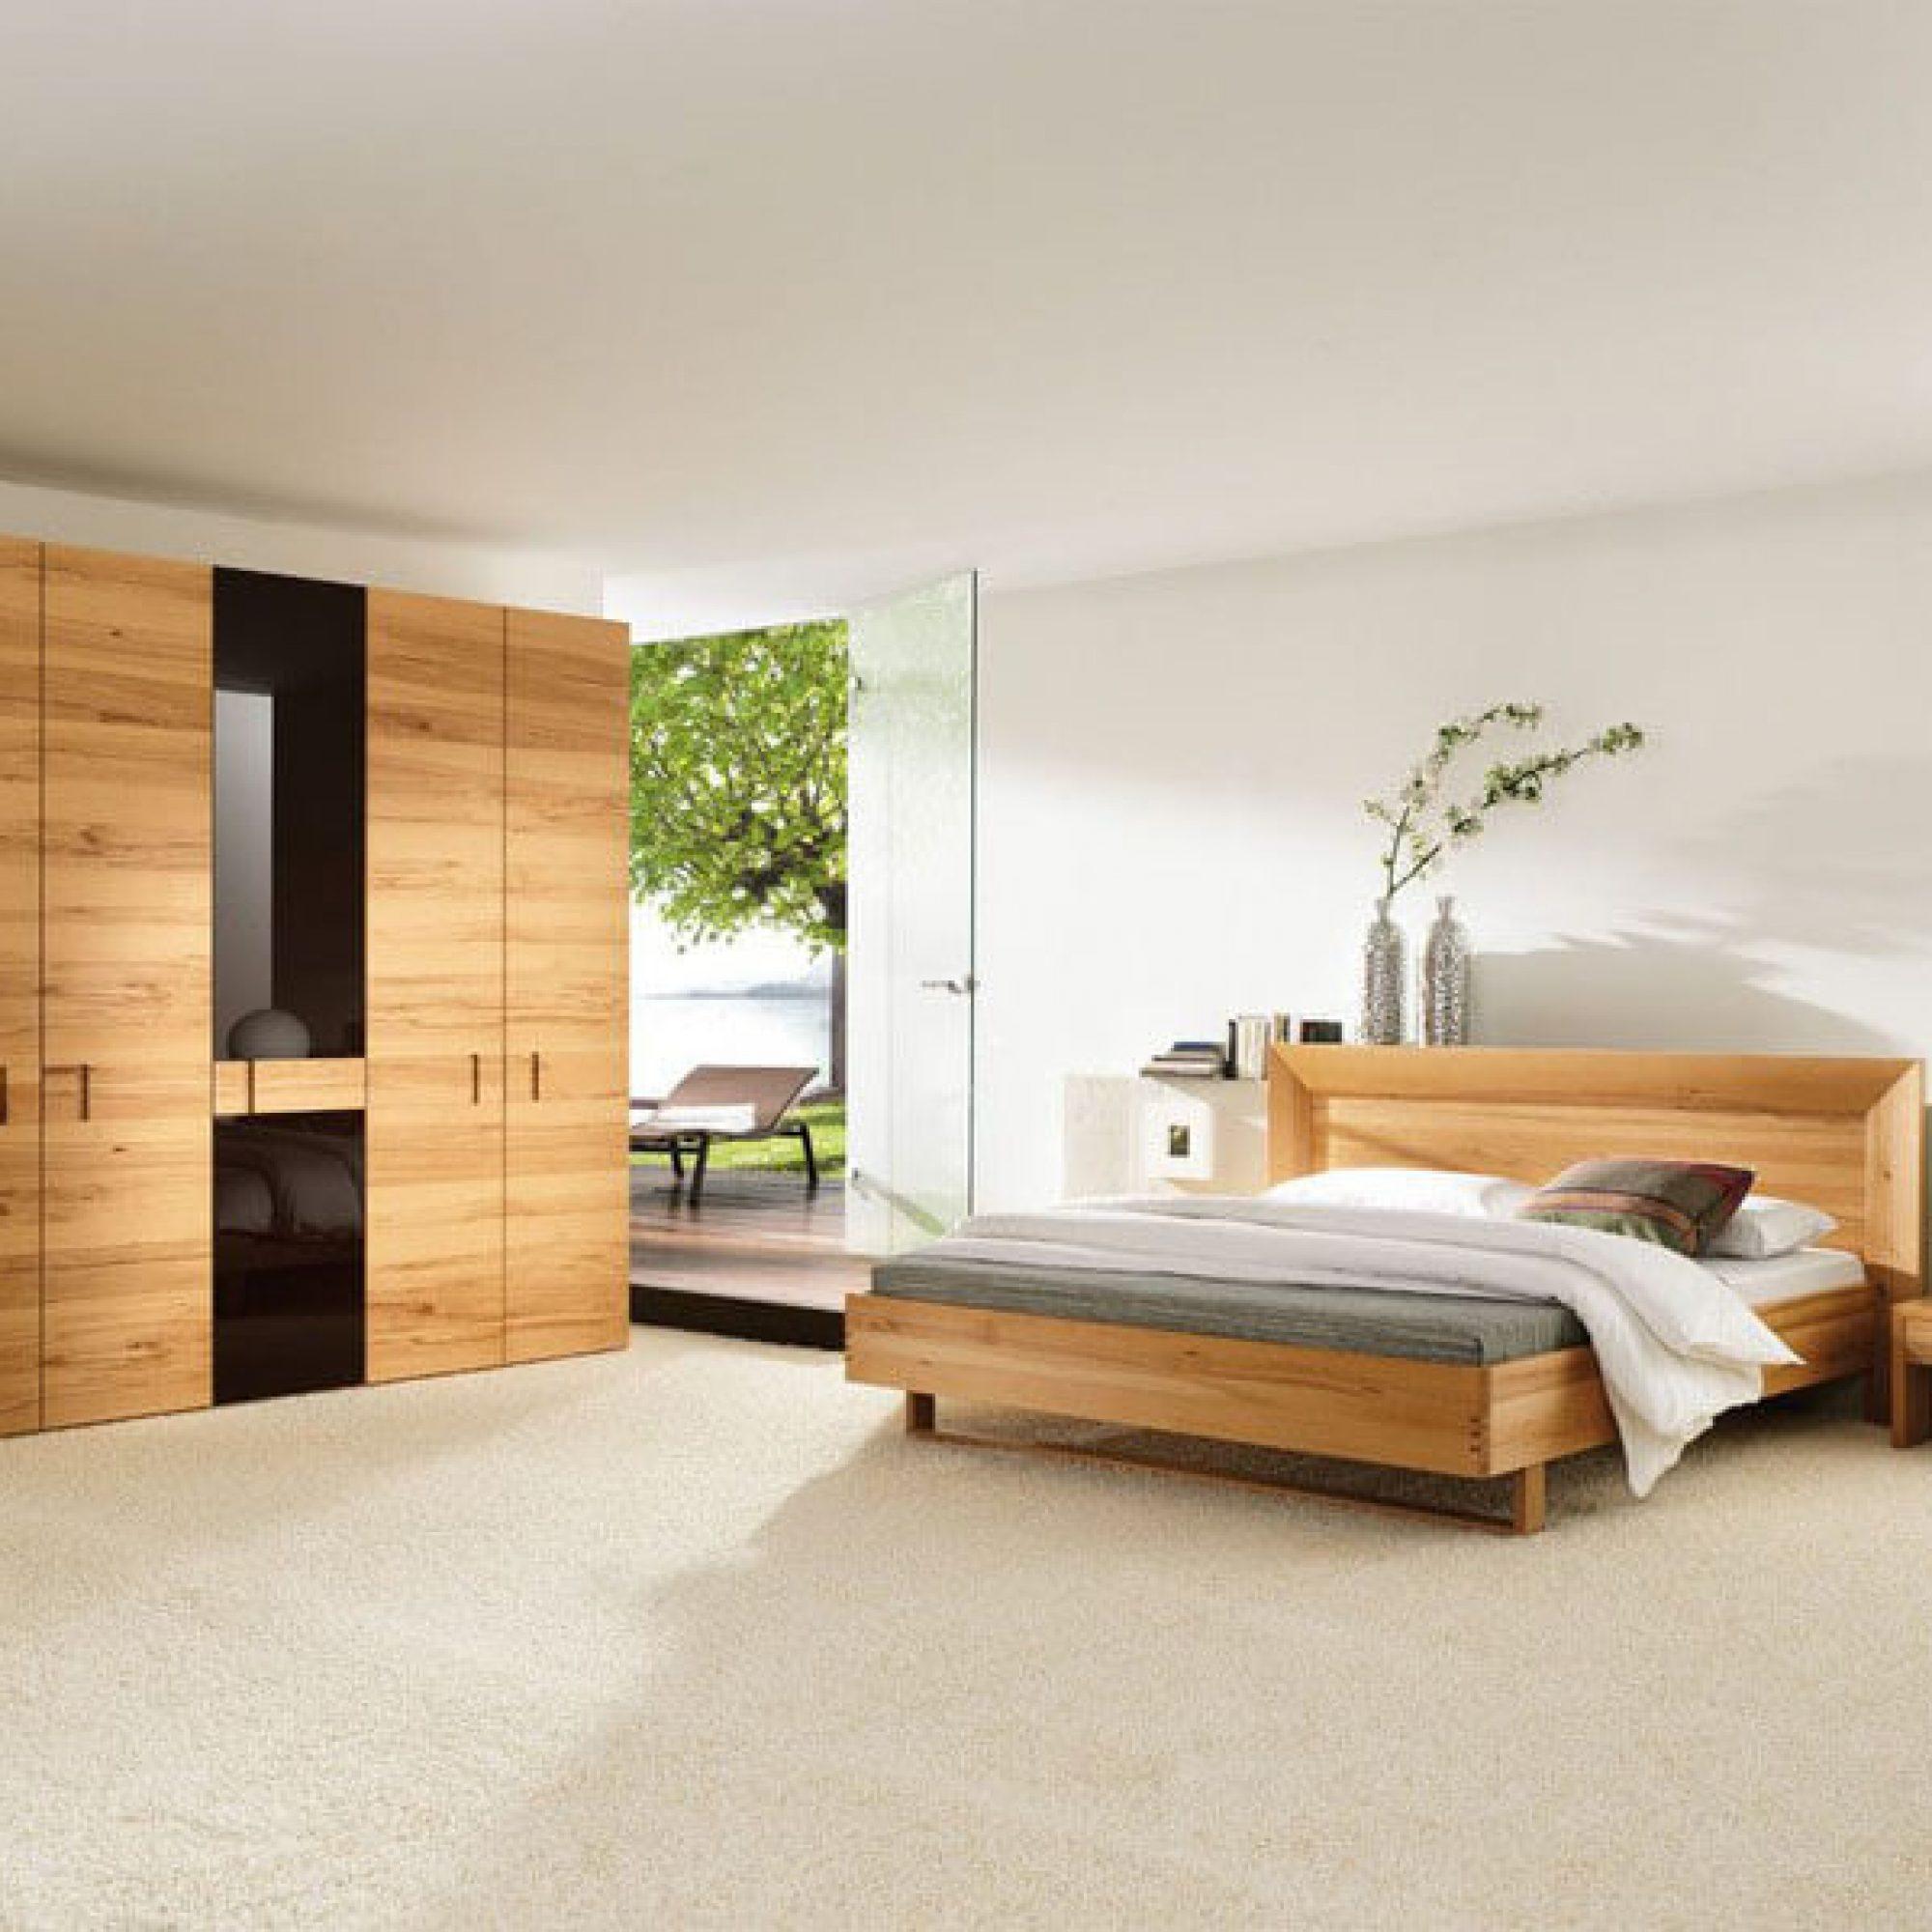 freudenreich-wohnstudio-brader-schlafen13914966964